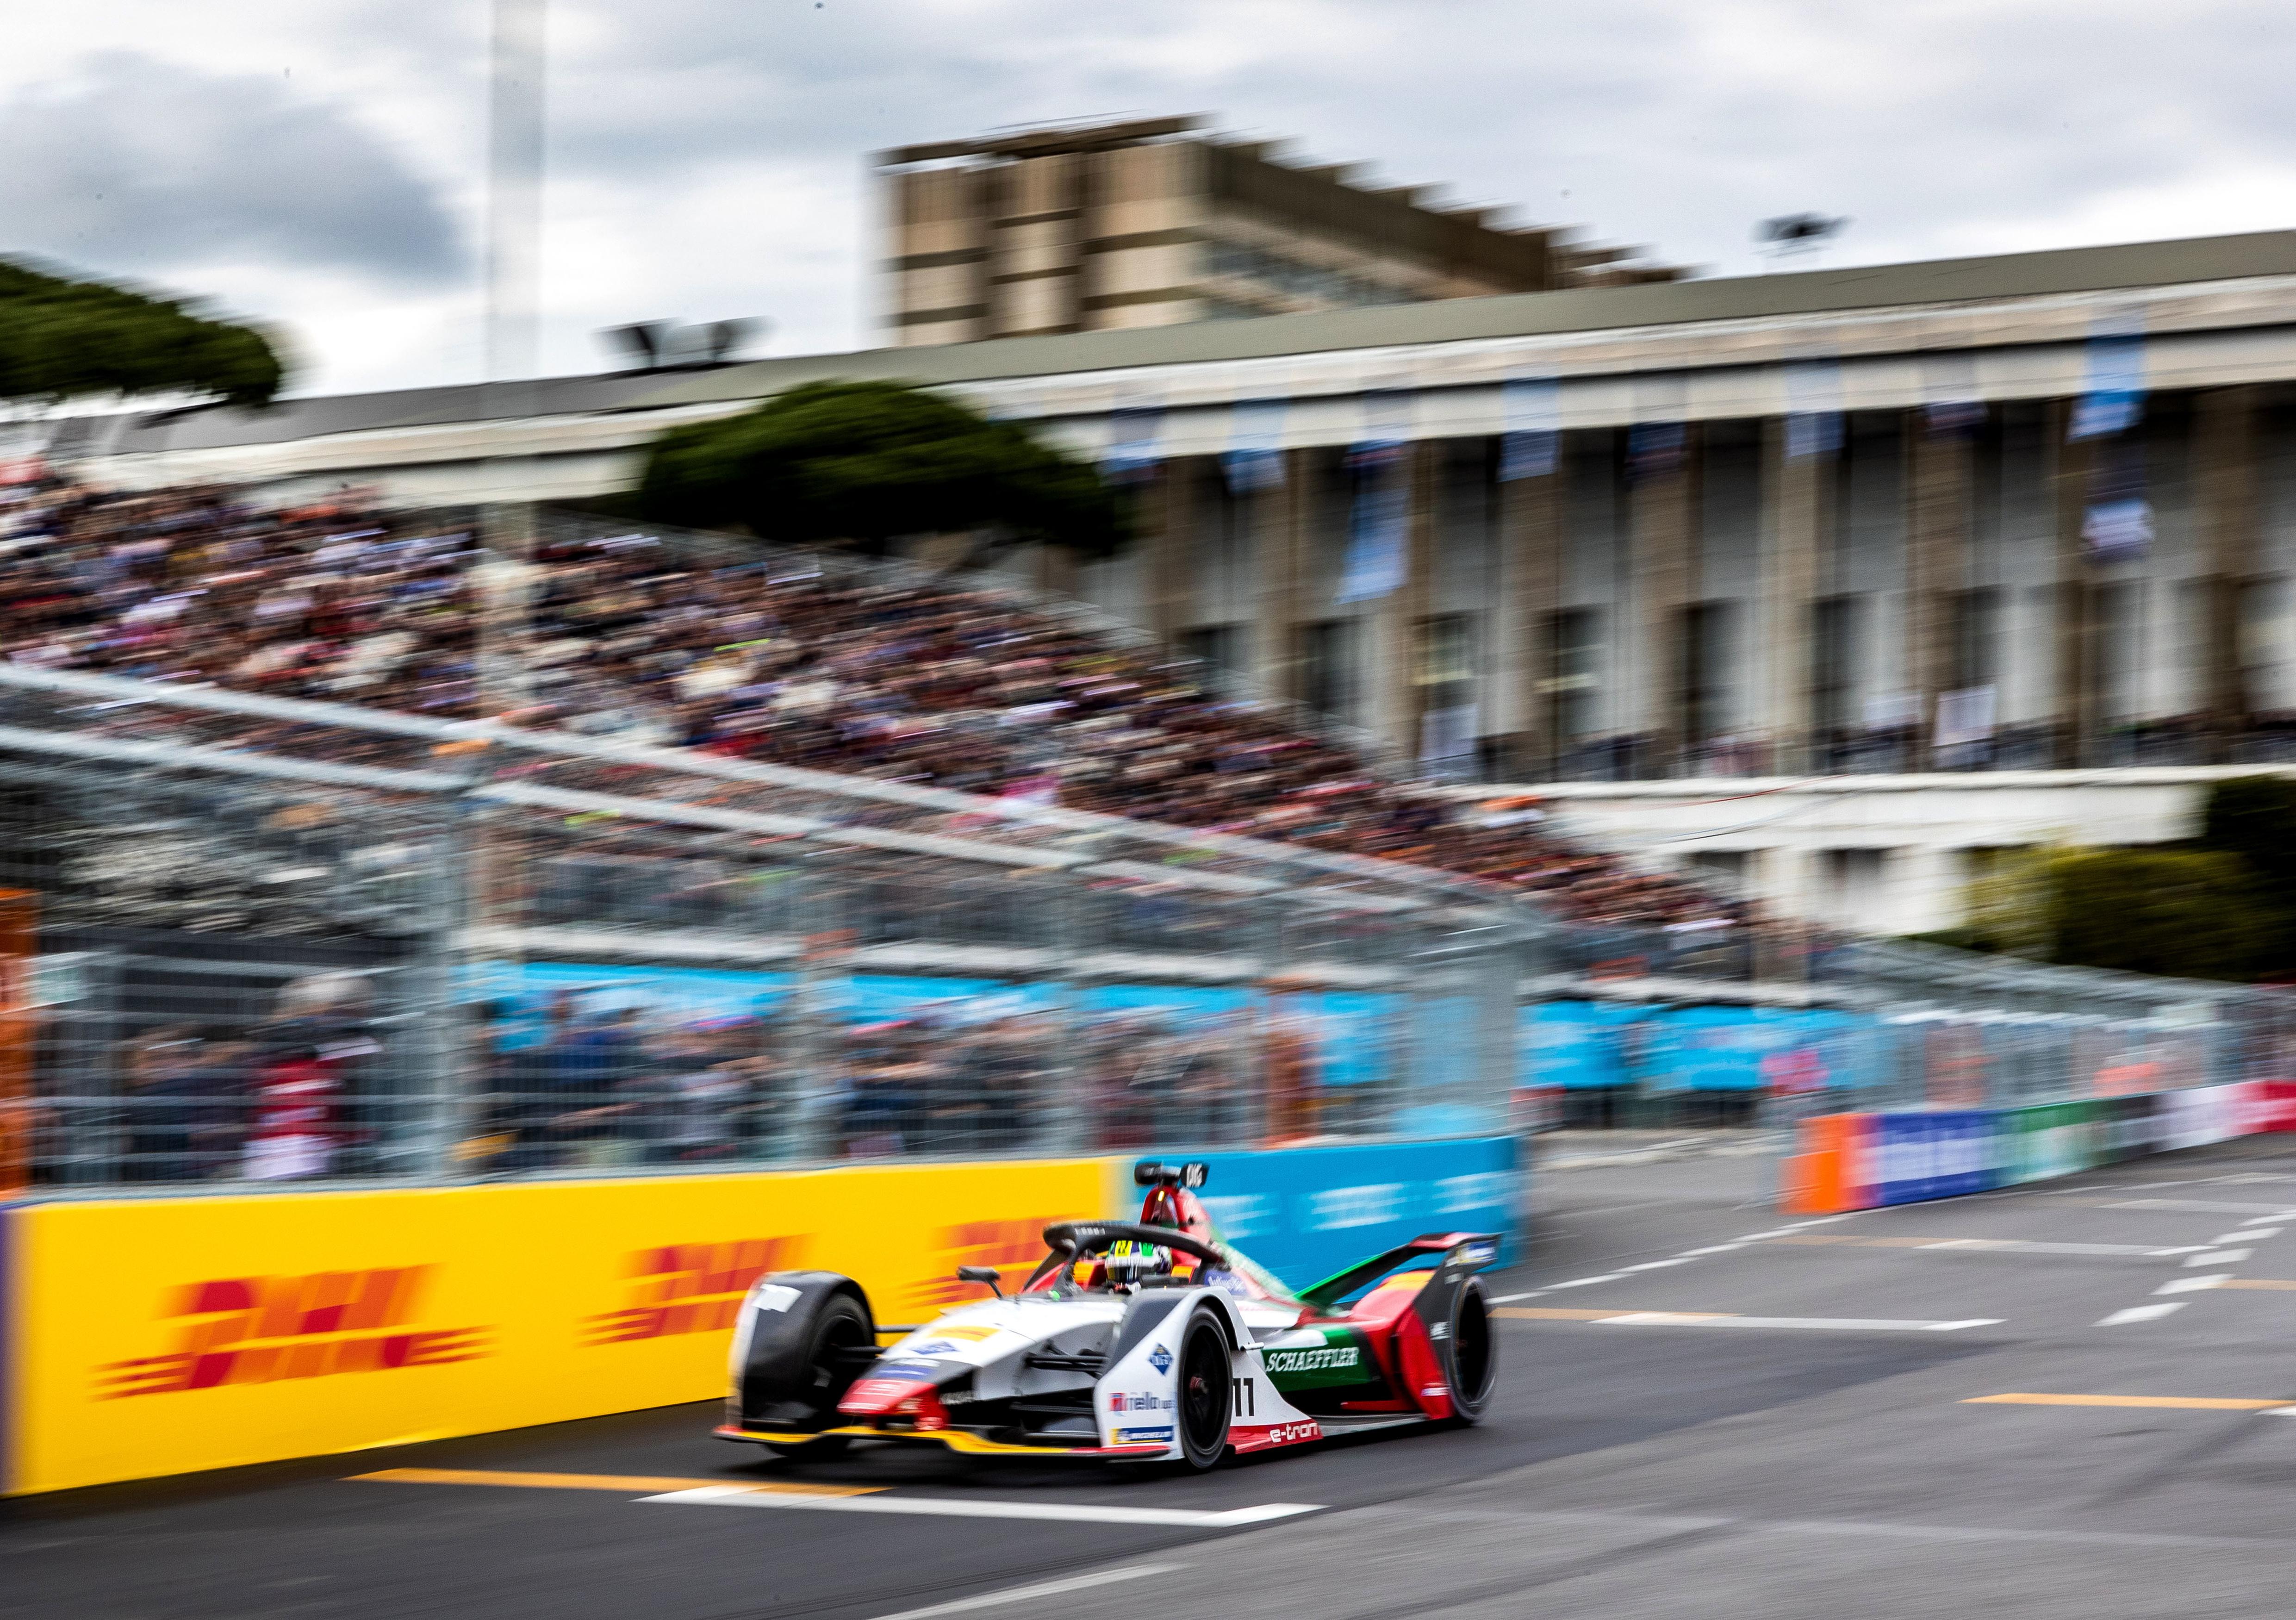 Formuła E w Paryżu: Mistrzostwa jeszcze bardziej ekscytujące!